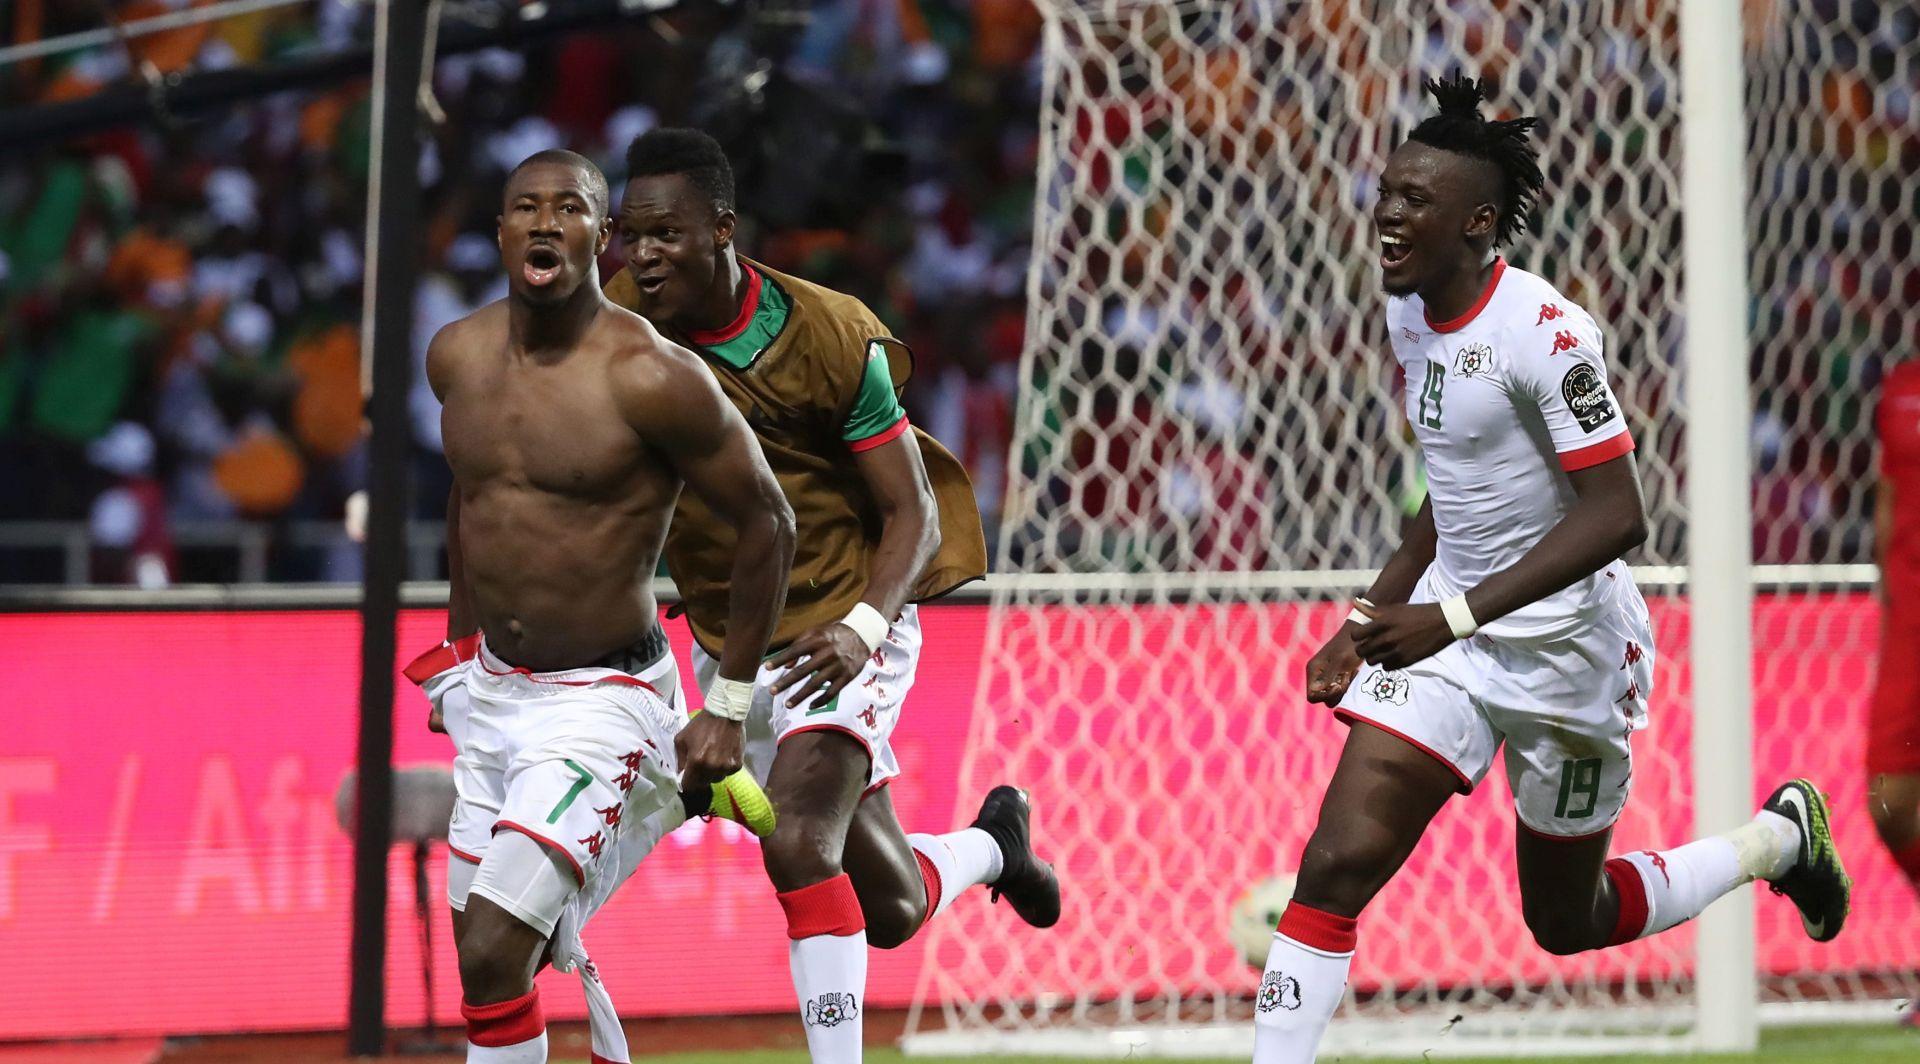 AFRIČKI KUP NACIJA Burkina Faso osvojila treće mjesto